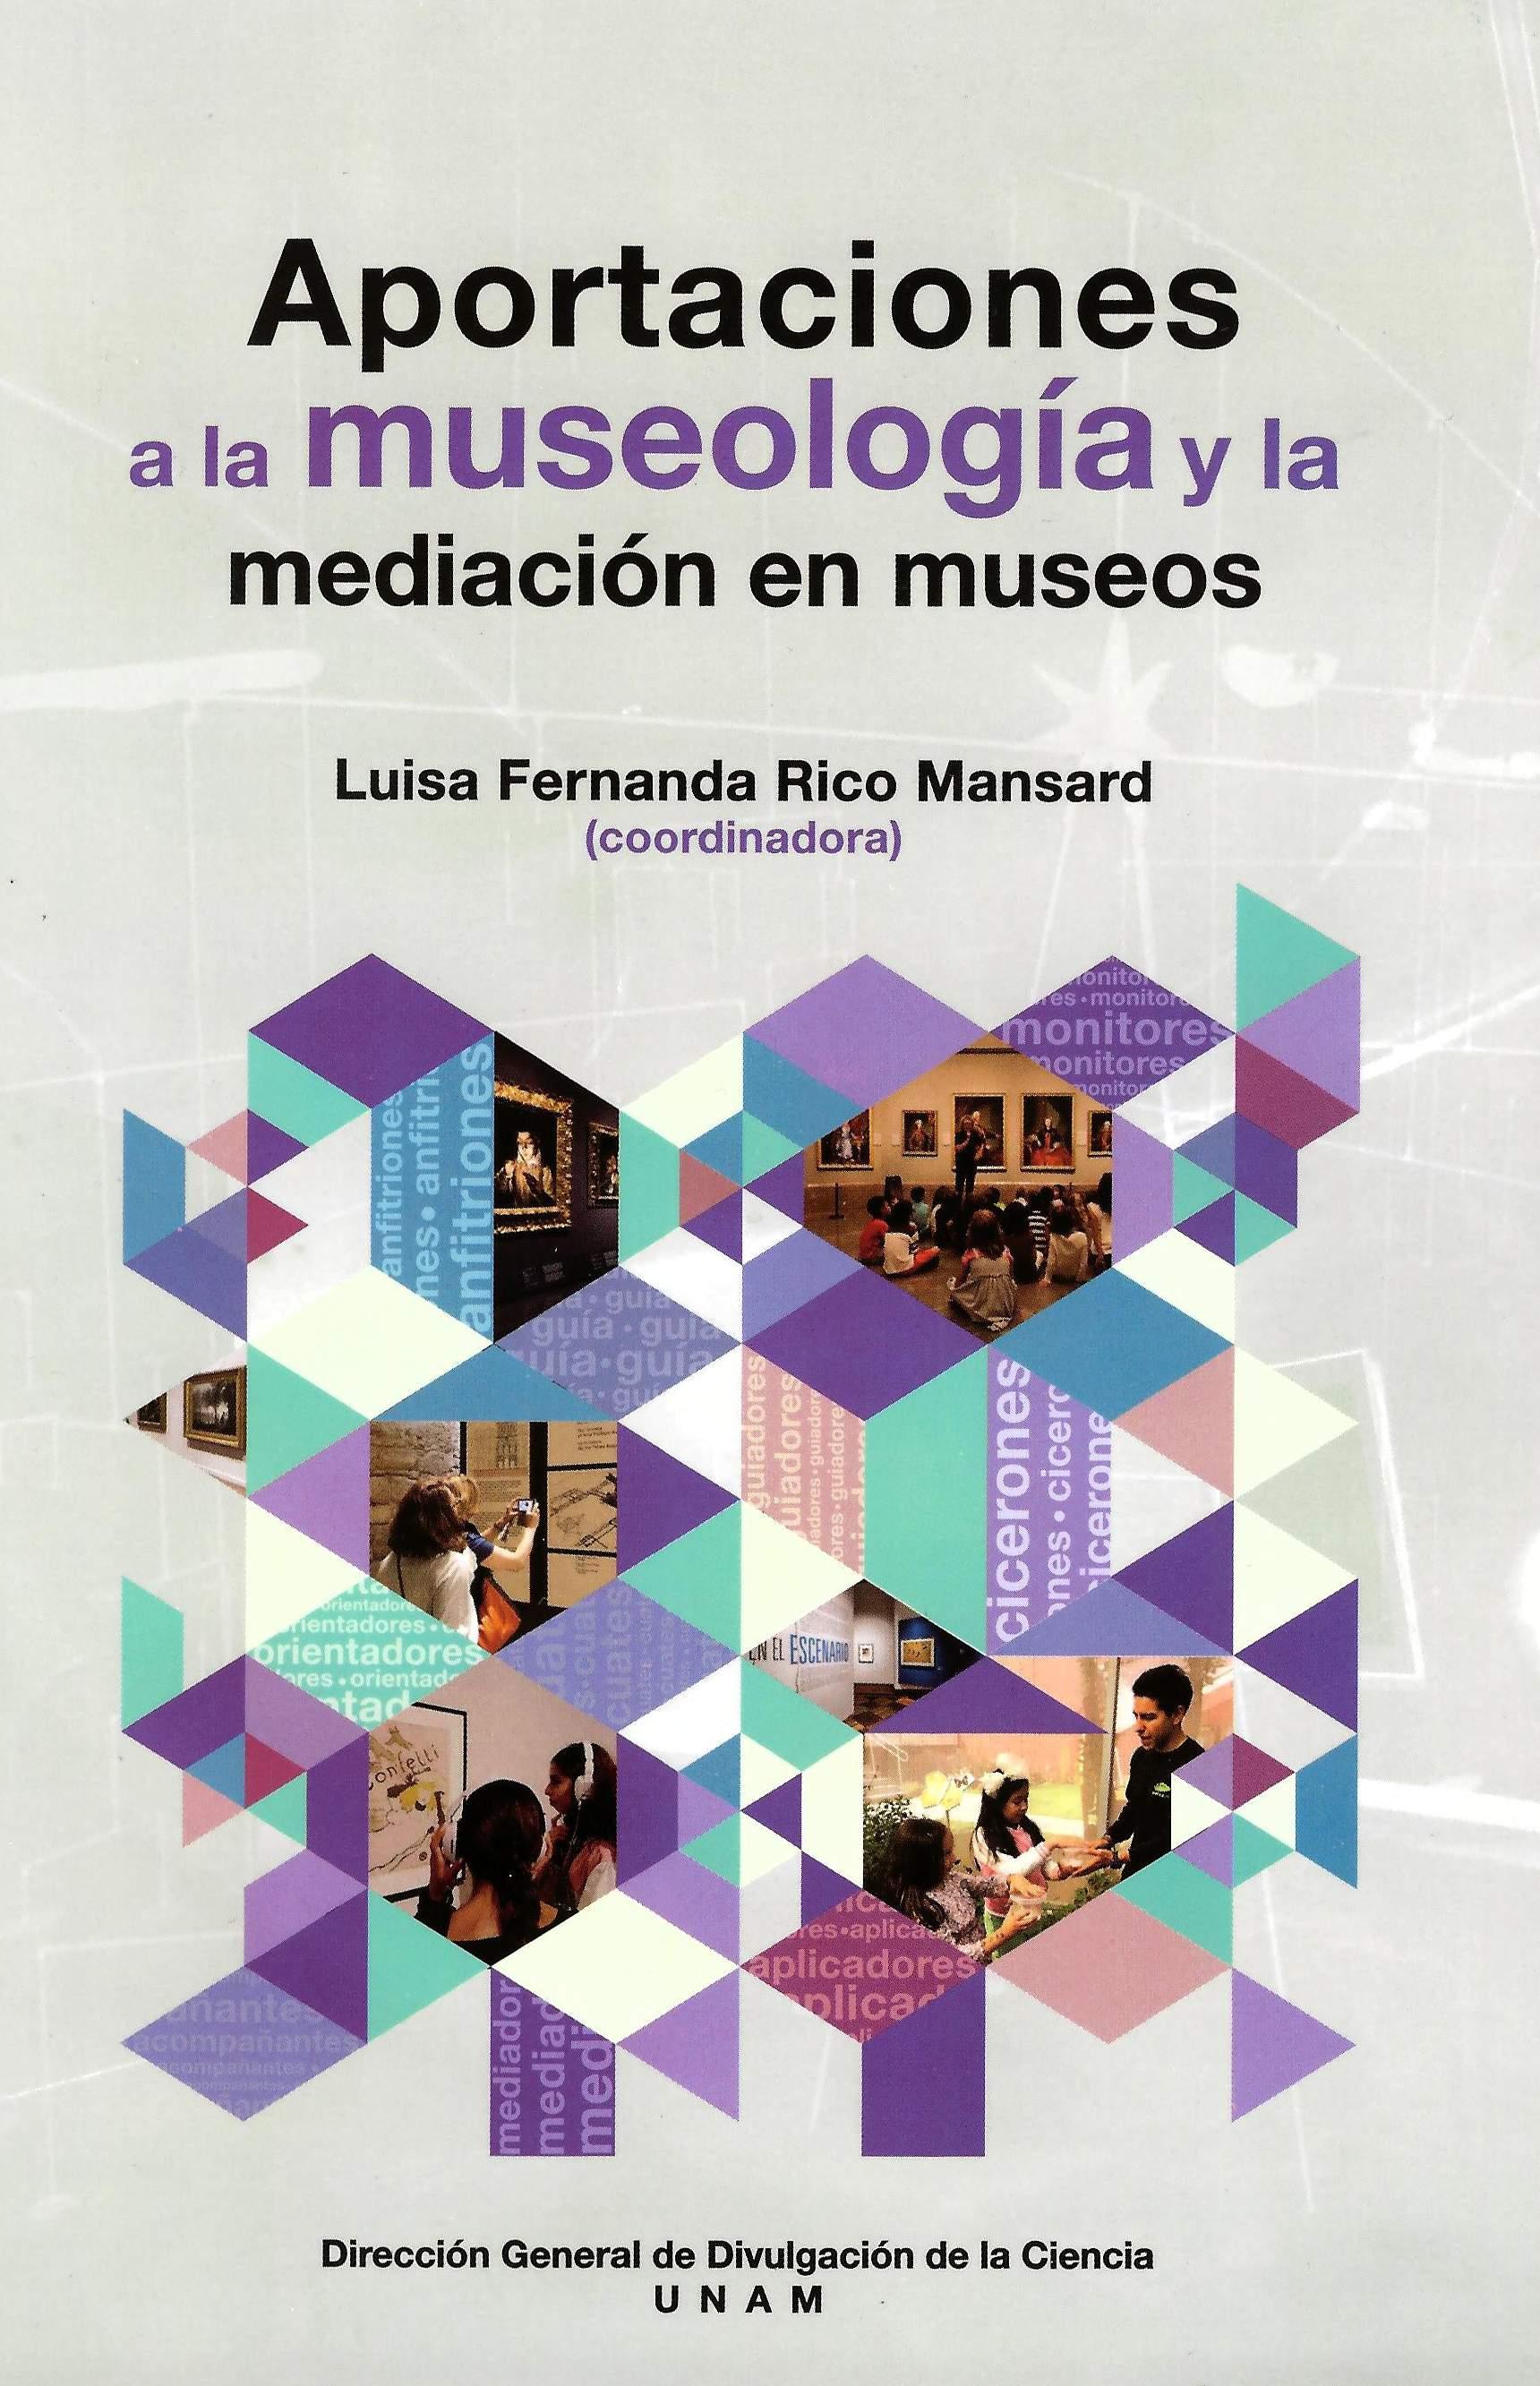 Aportaciones a la museología y la mediación de museos